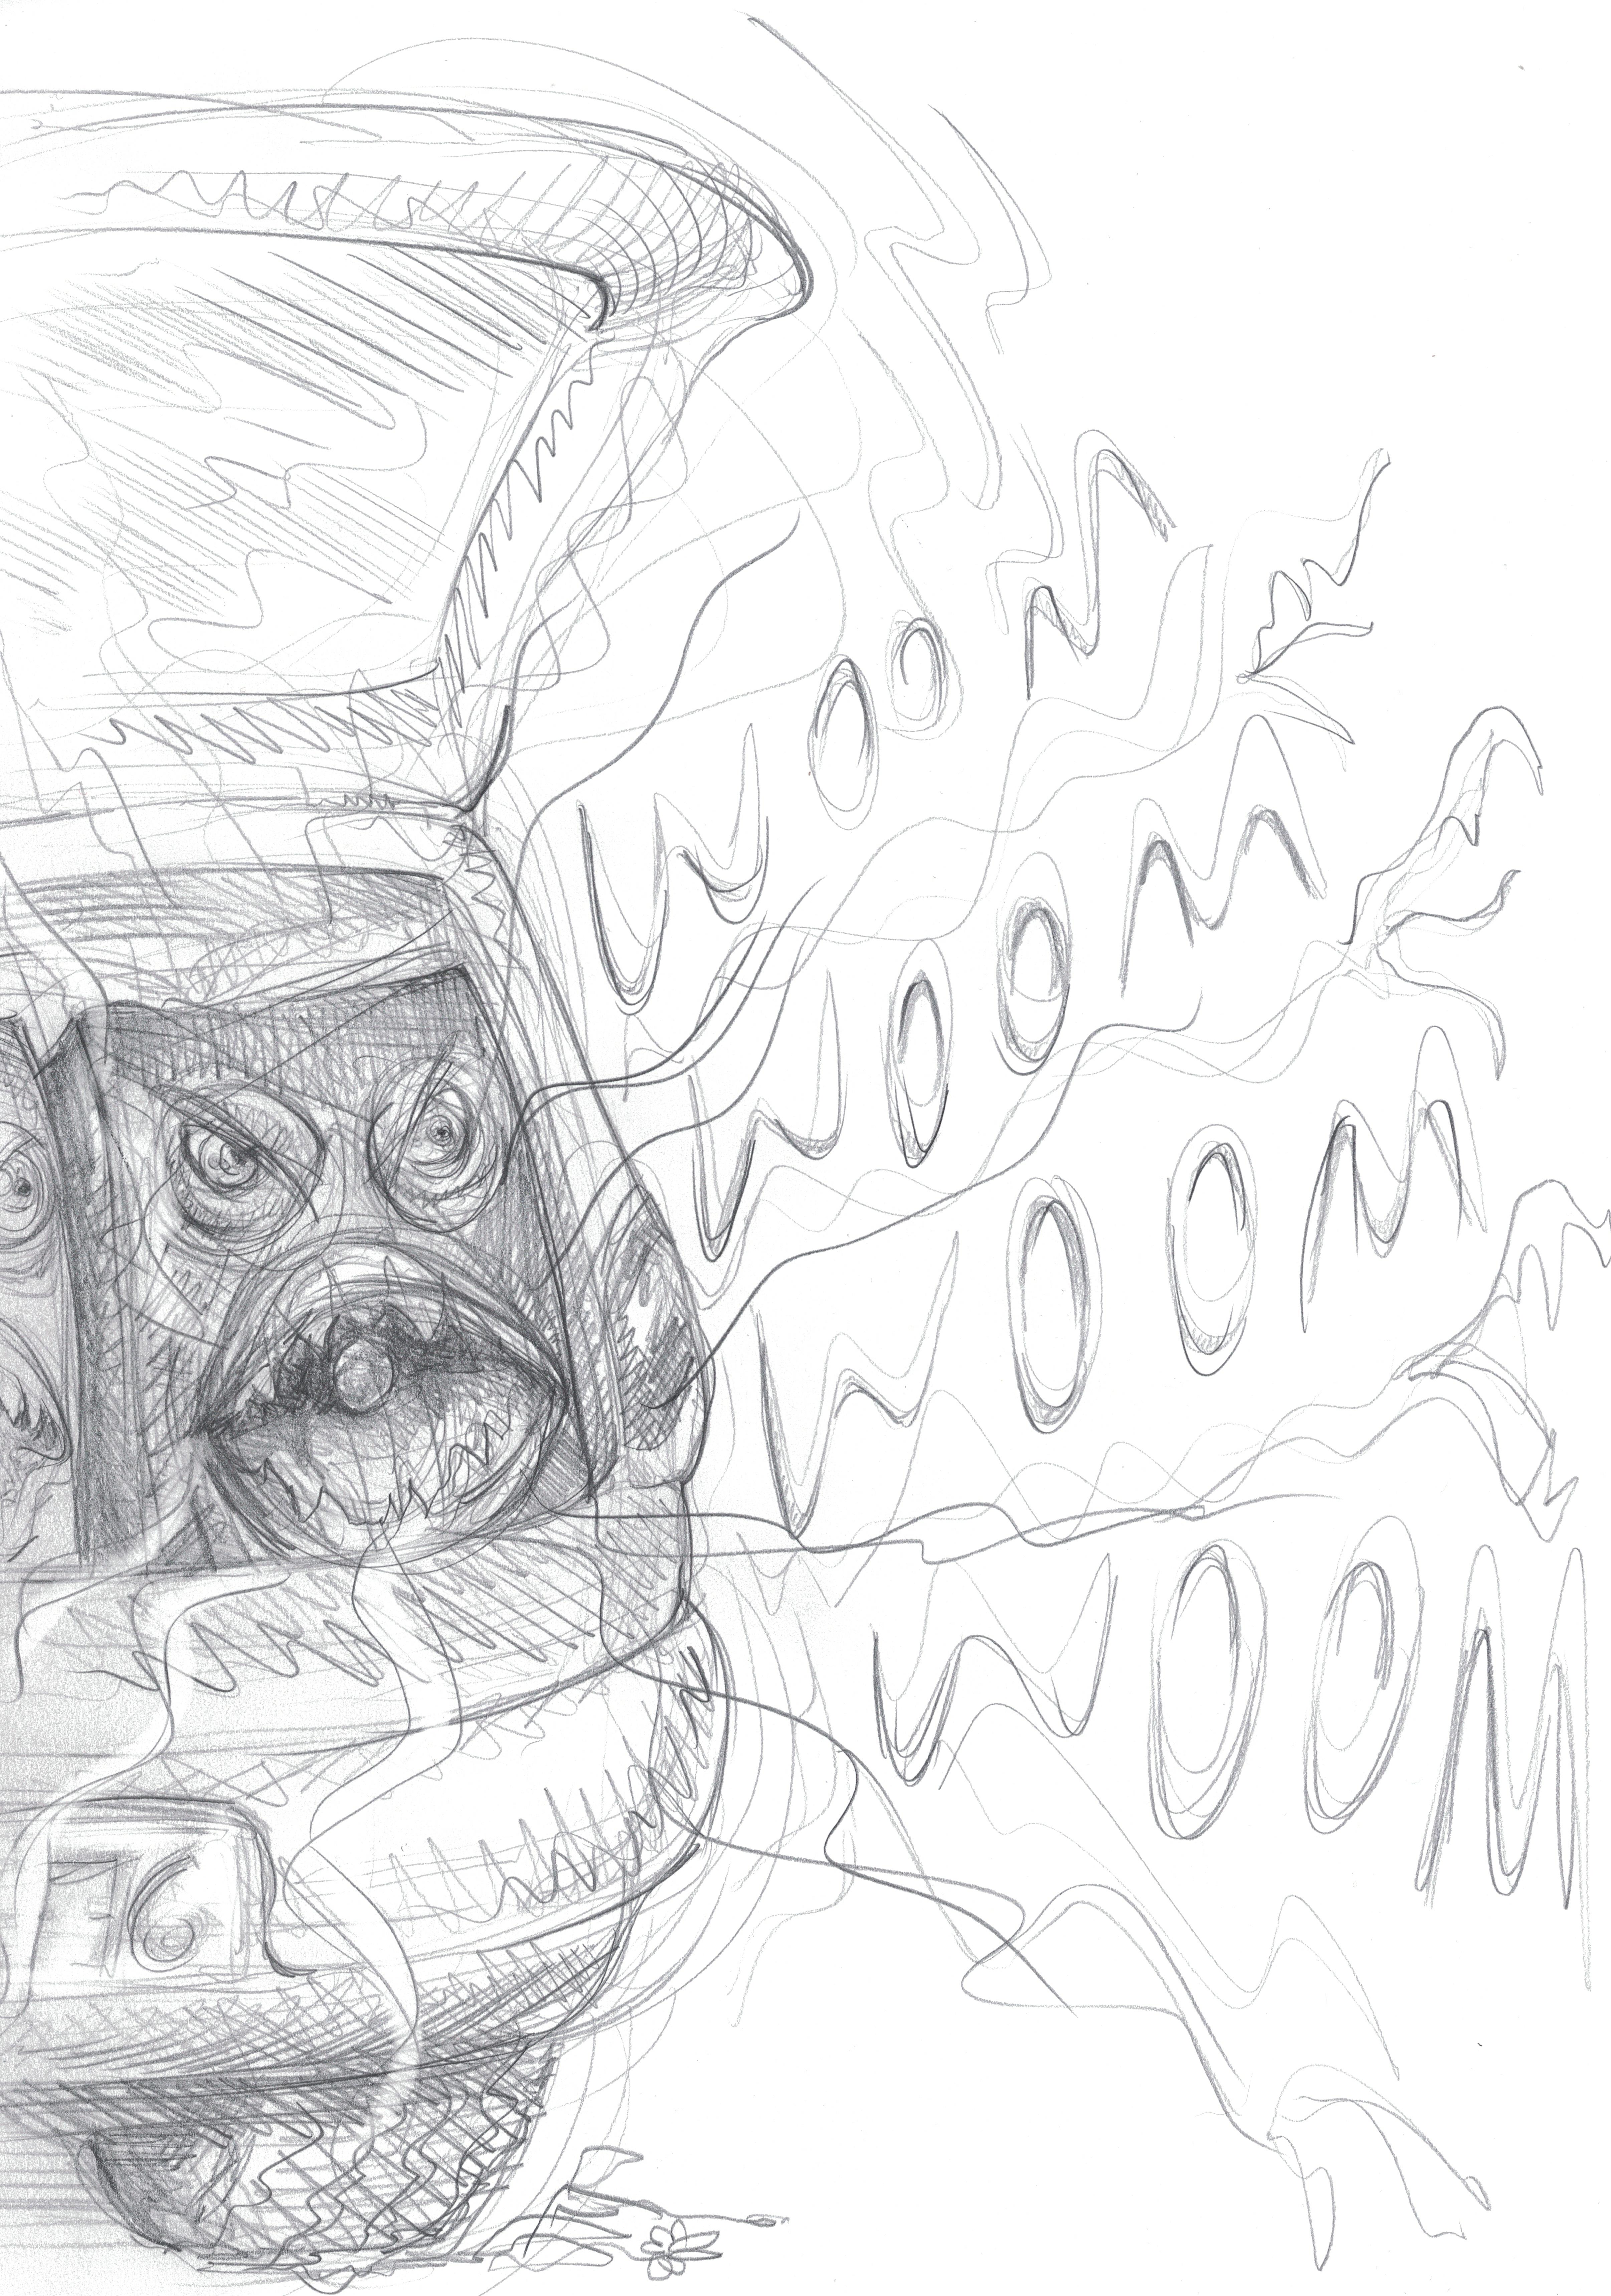 Evil Loudspeakers / pencil on paper